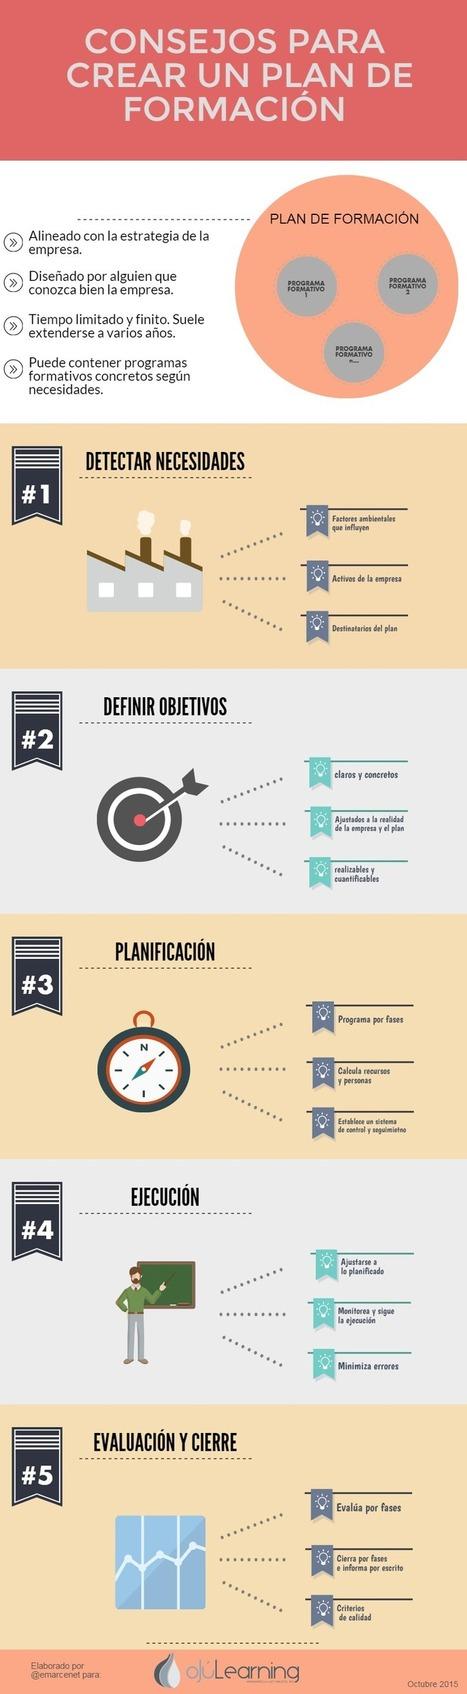 Consejos para elaborar un Plan de Formación #infografia #infographic #education   Aprendiendoaenseñar   Scoop.it